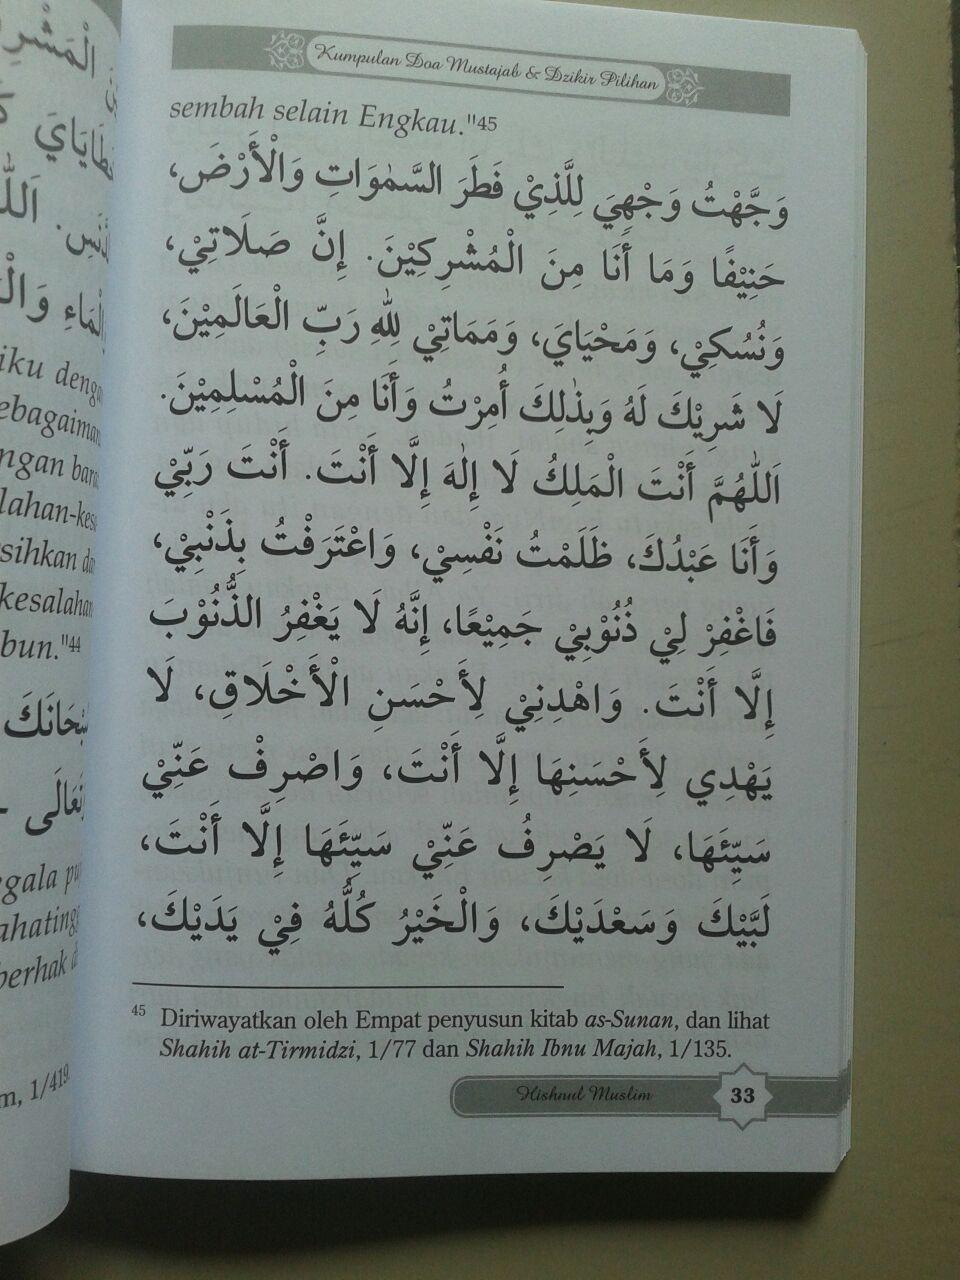 Buku Hisnul Muslim Kumpulan Doa & Dzikir Pilihan isi 3